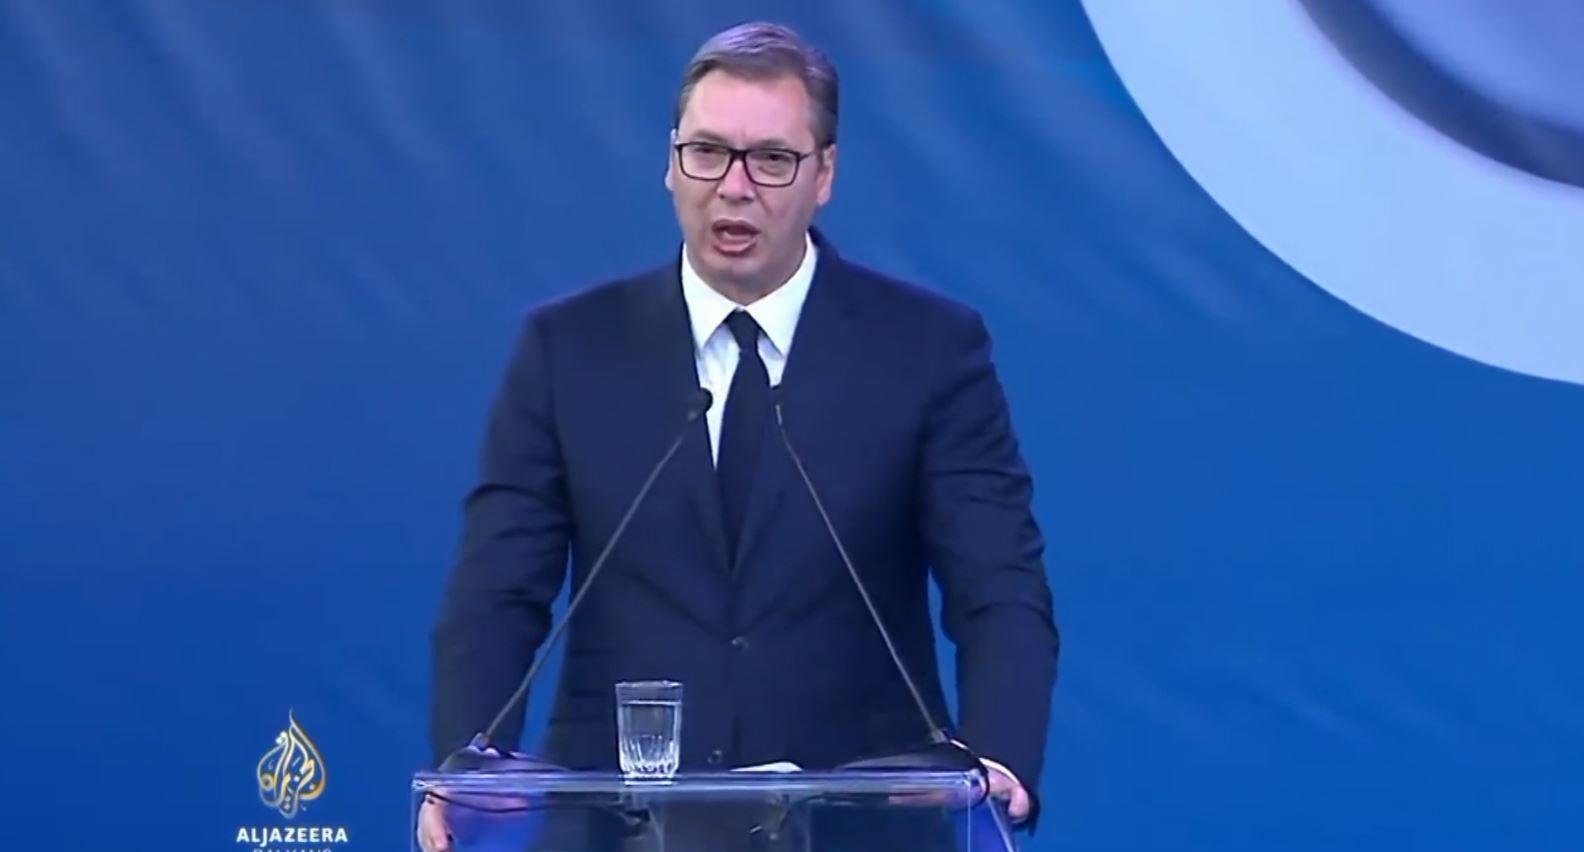 Vuçiç për negociatat: Rajoni nuk mund të mbështetet vetëm në fqinjët perëndimorë